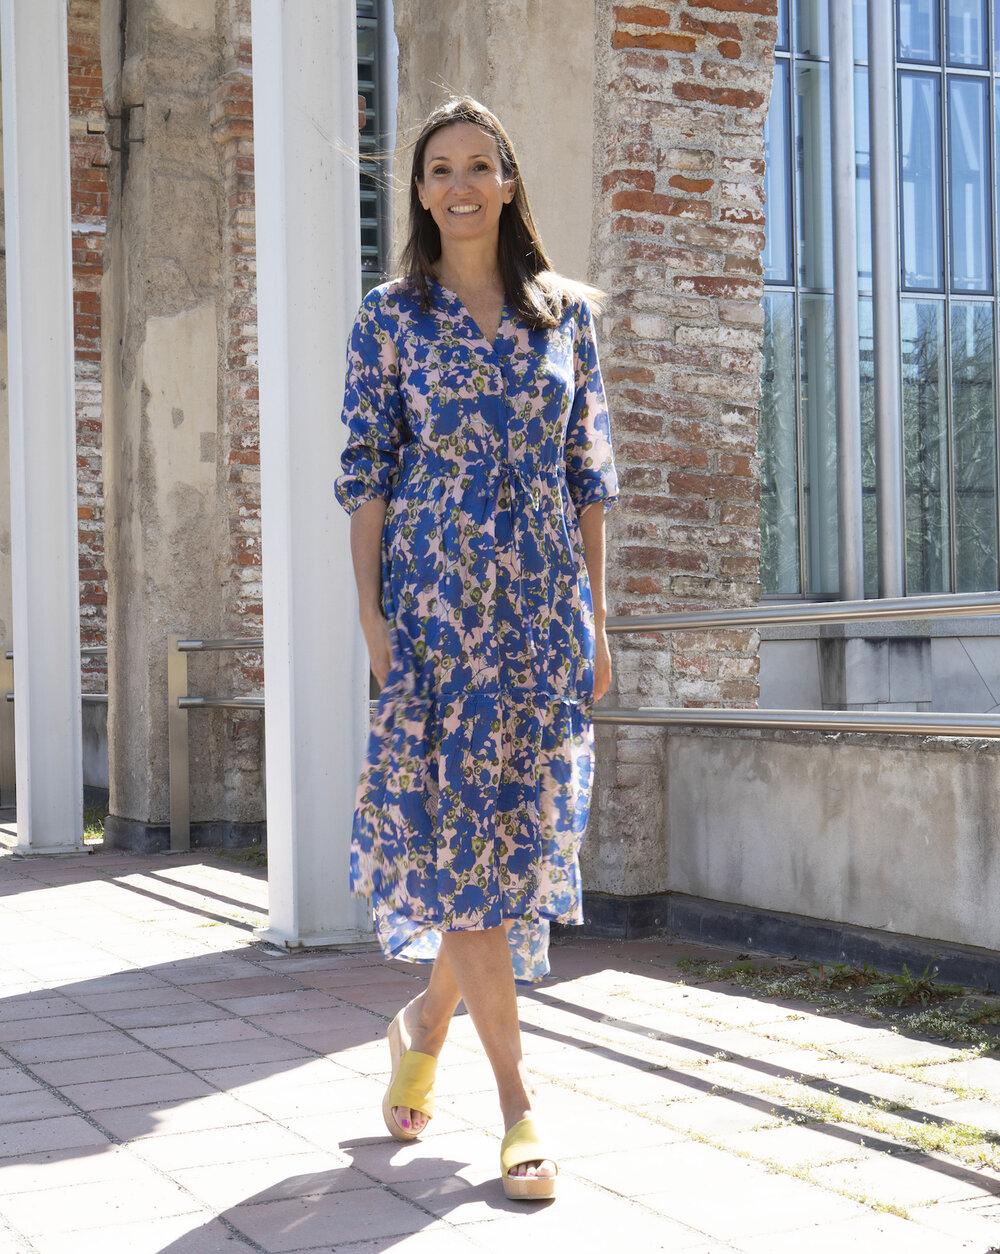 Nachhaltige Mode Fur Frauen Uber 40 Das Perfekte Kleid Fur Den Sommer Befifty